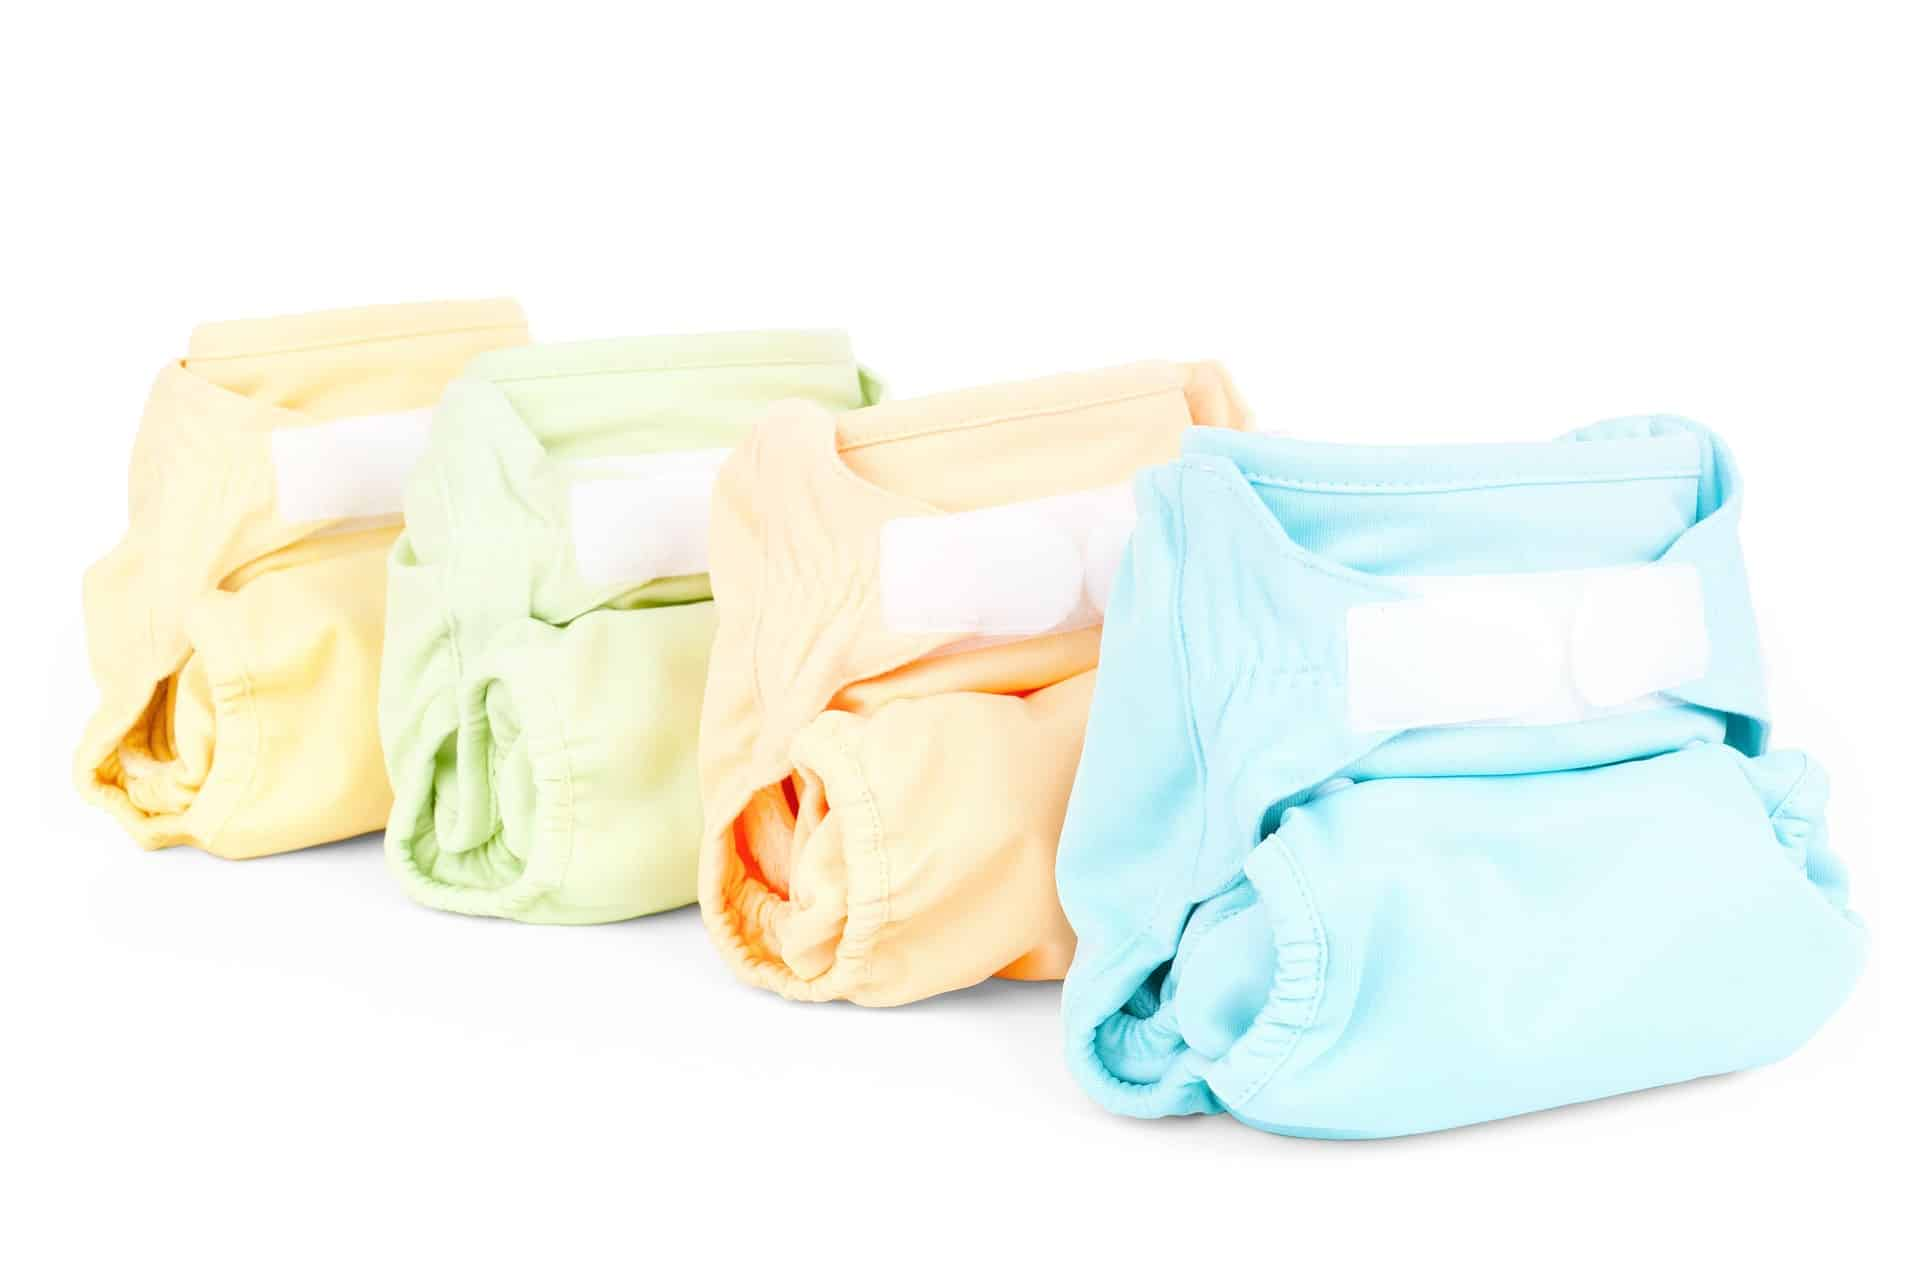 quatro fraldas de pano em fundo branco.